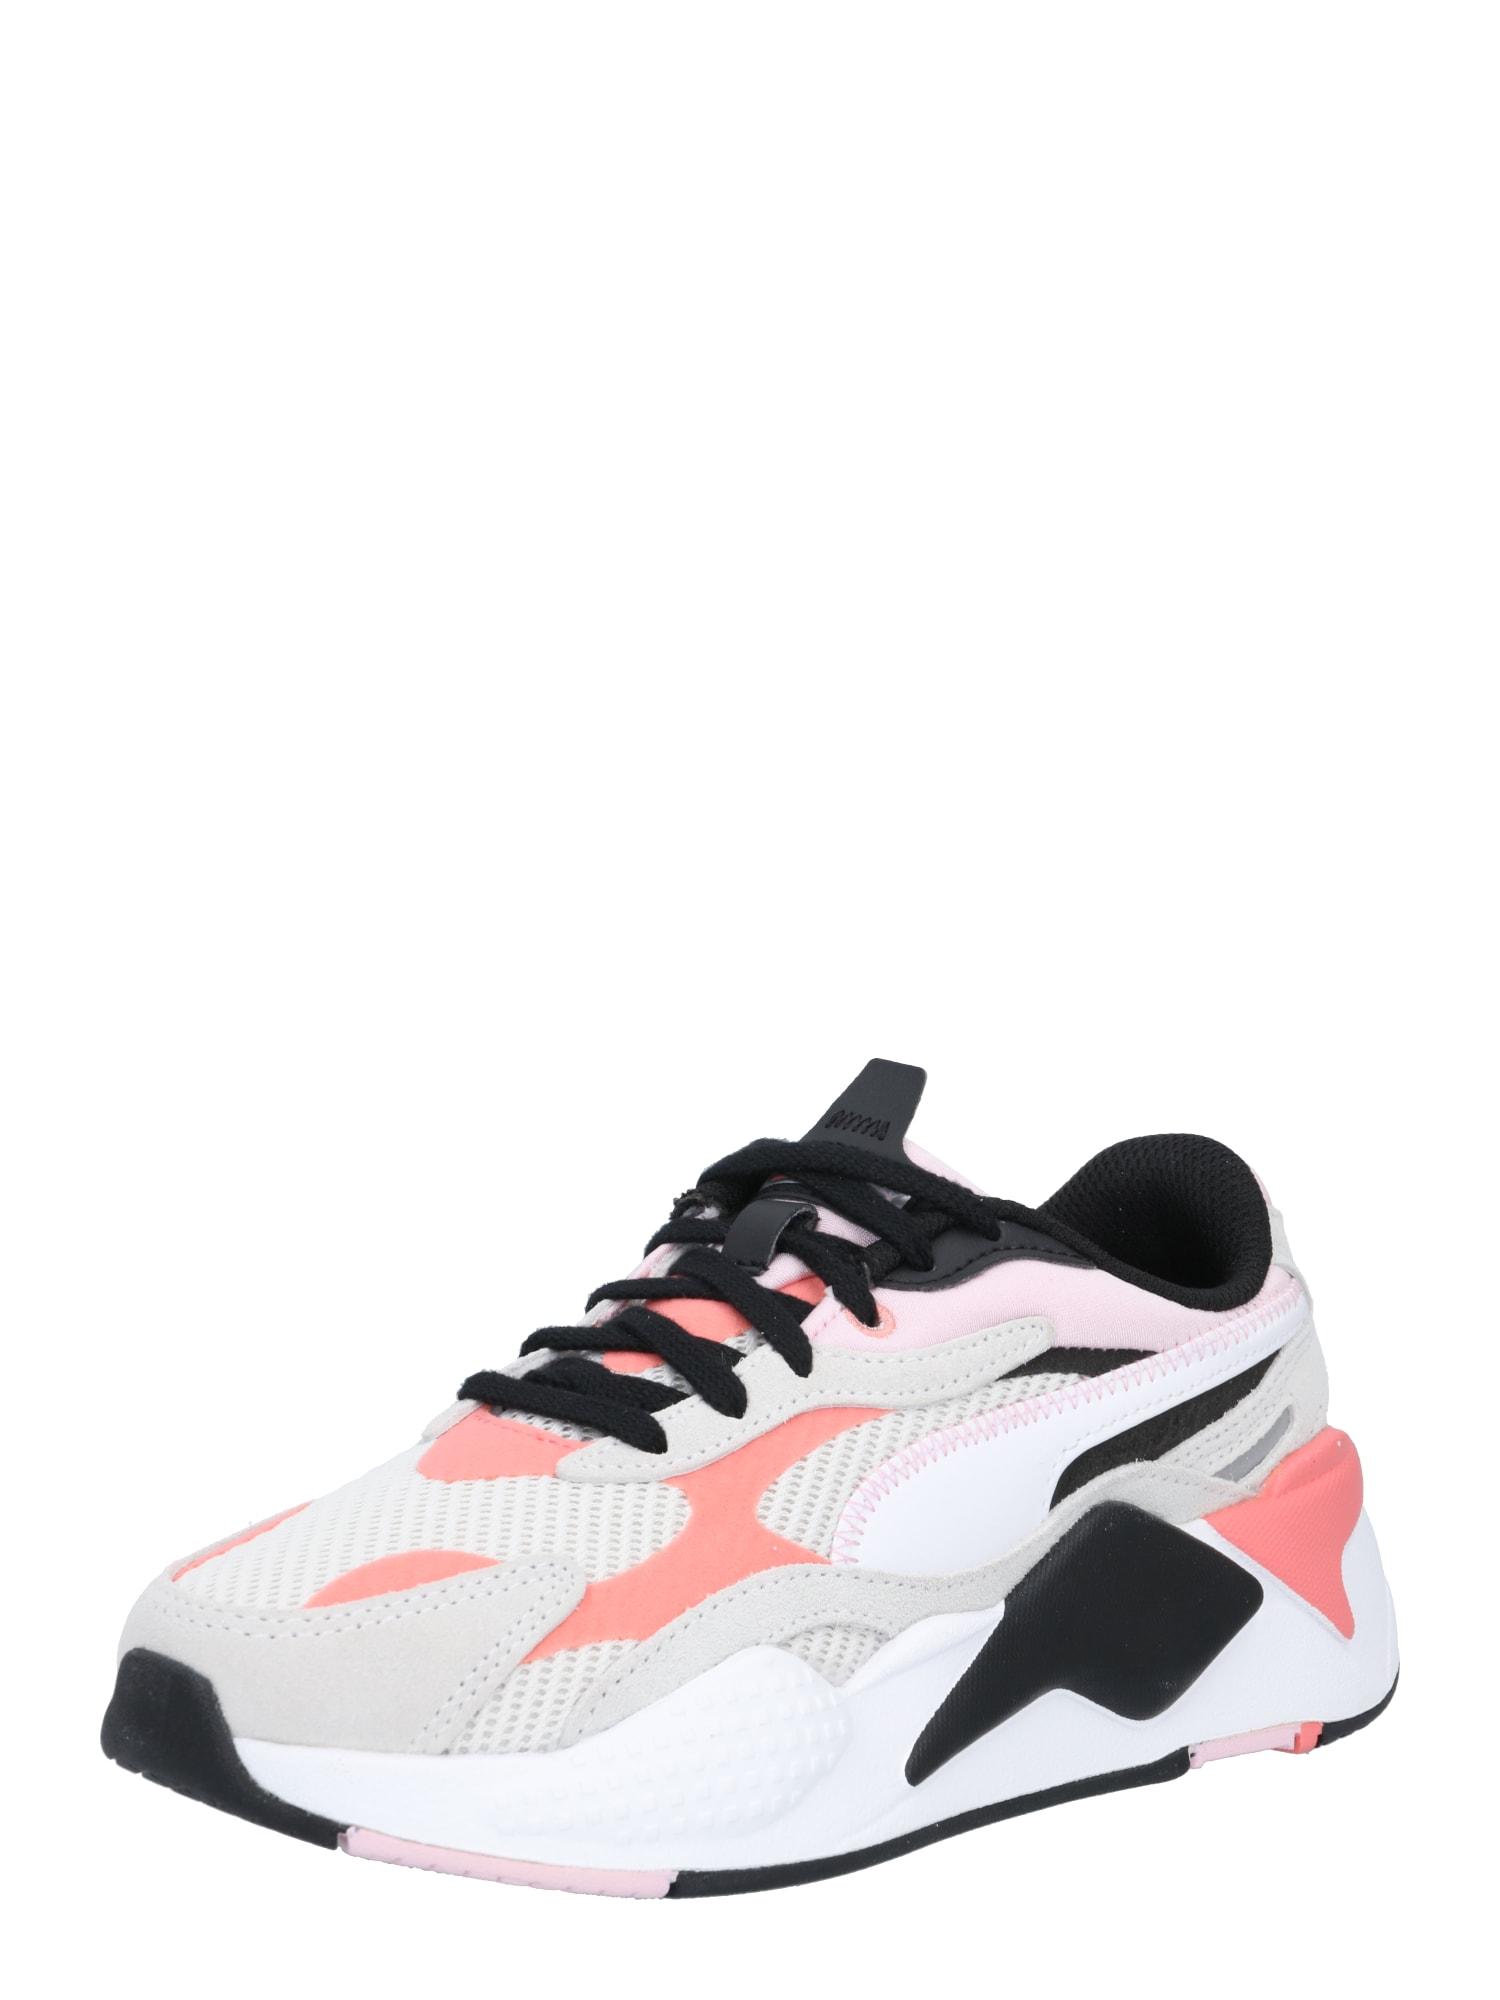 PUMA Sneaker bassa  grigio chiaro / corallo / bianco / nero / rosa male shop the look